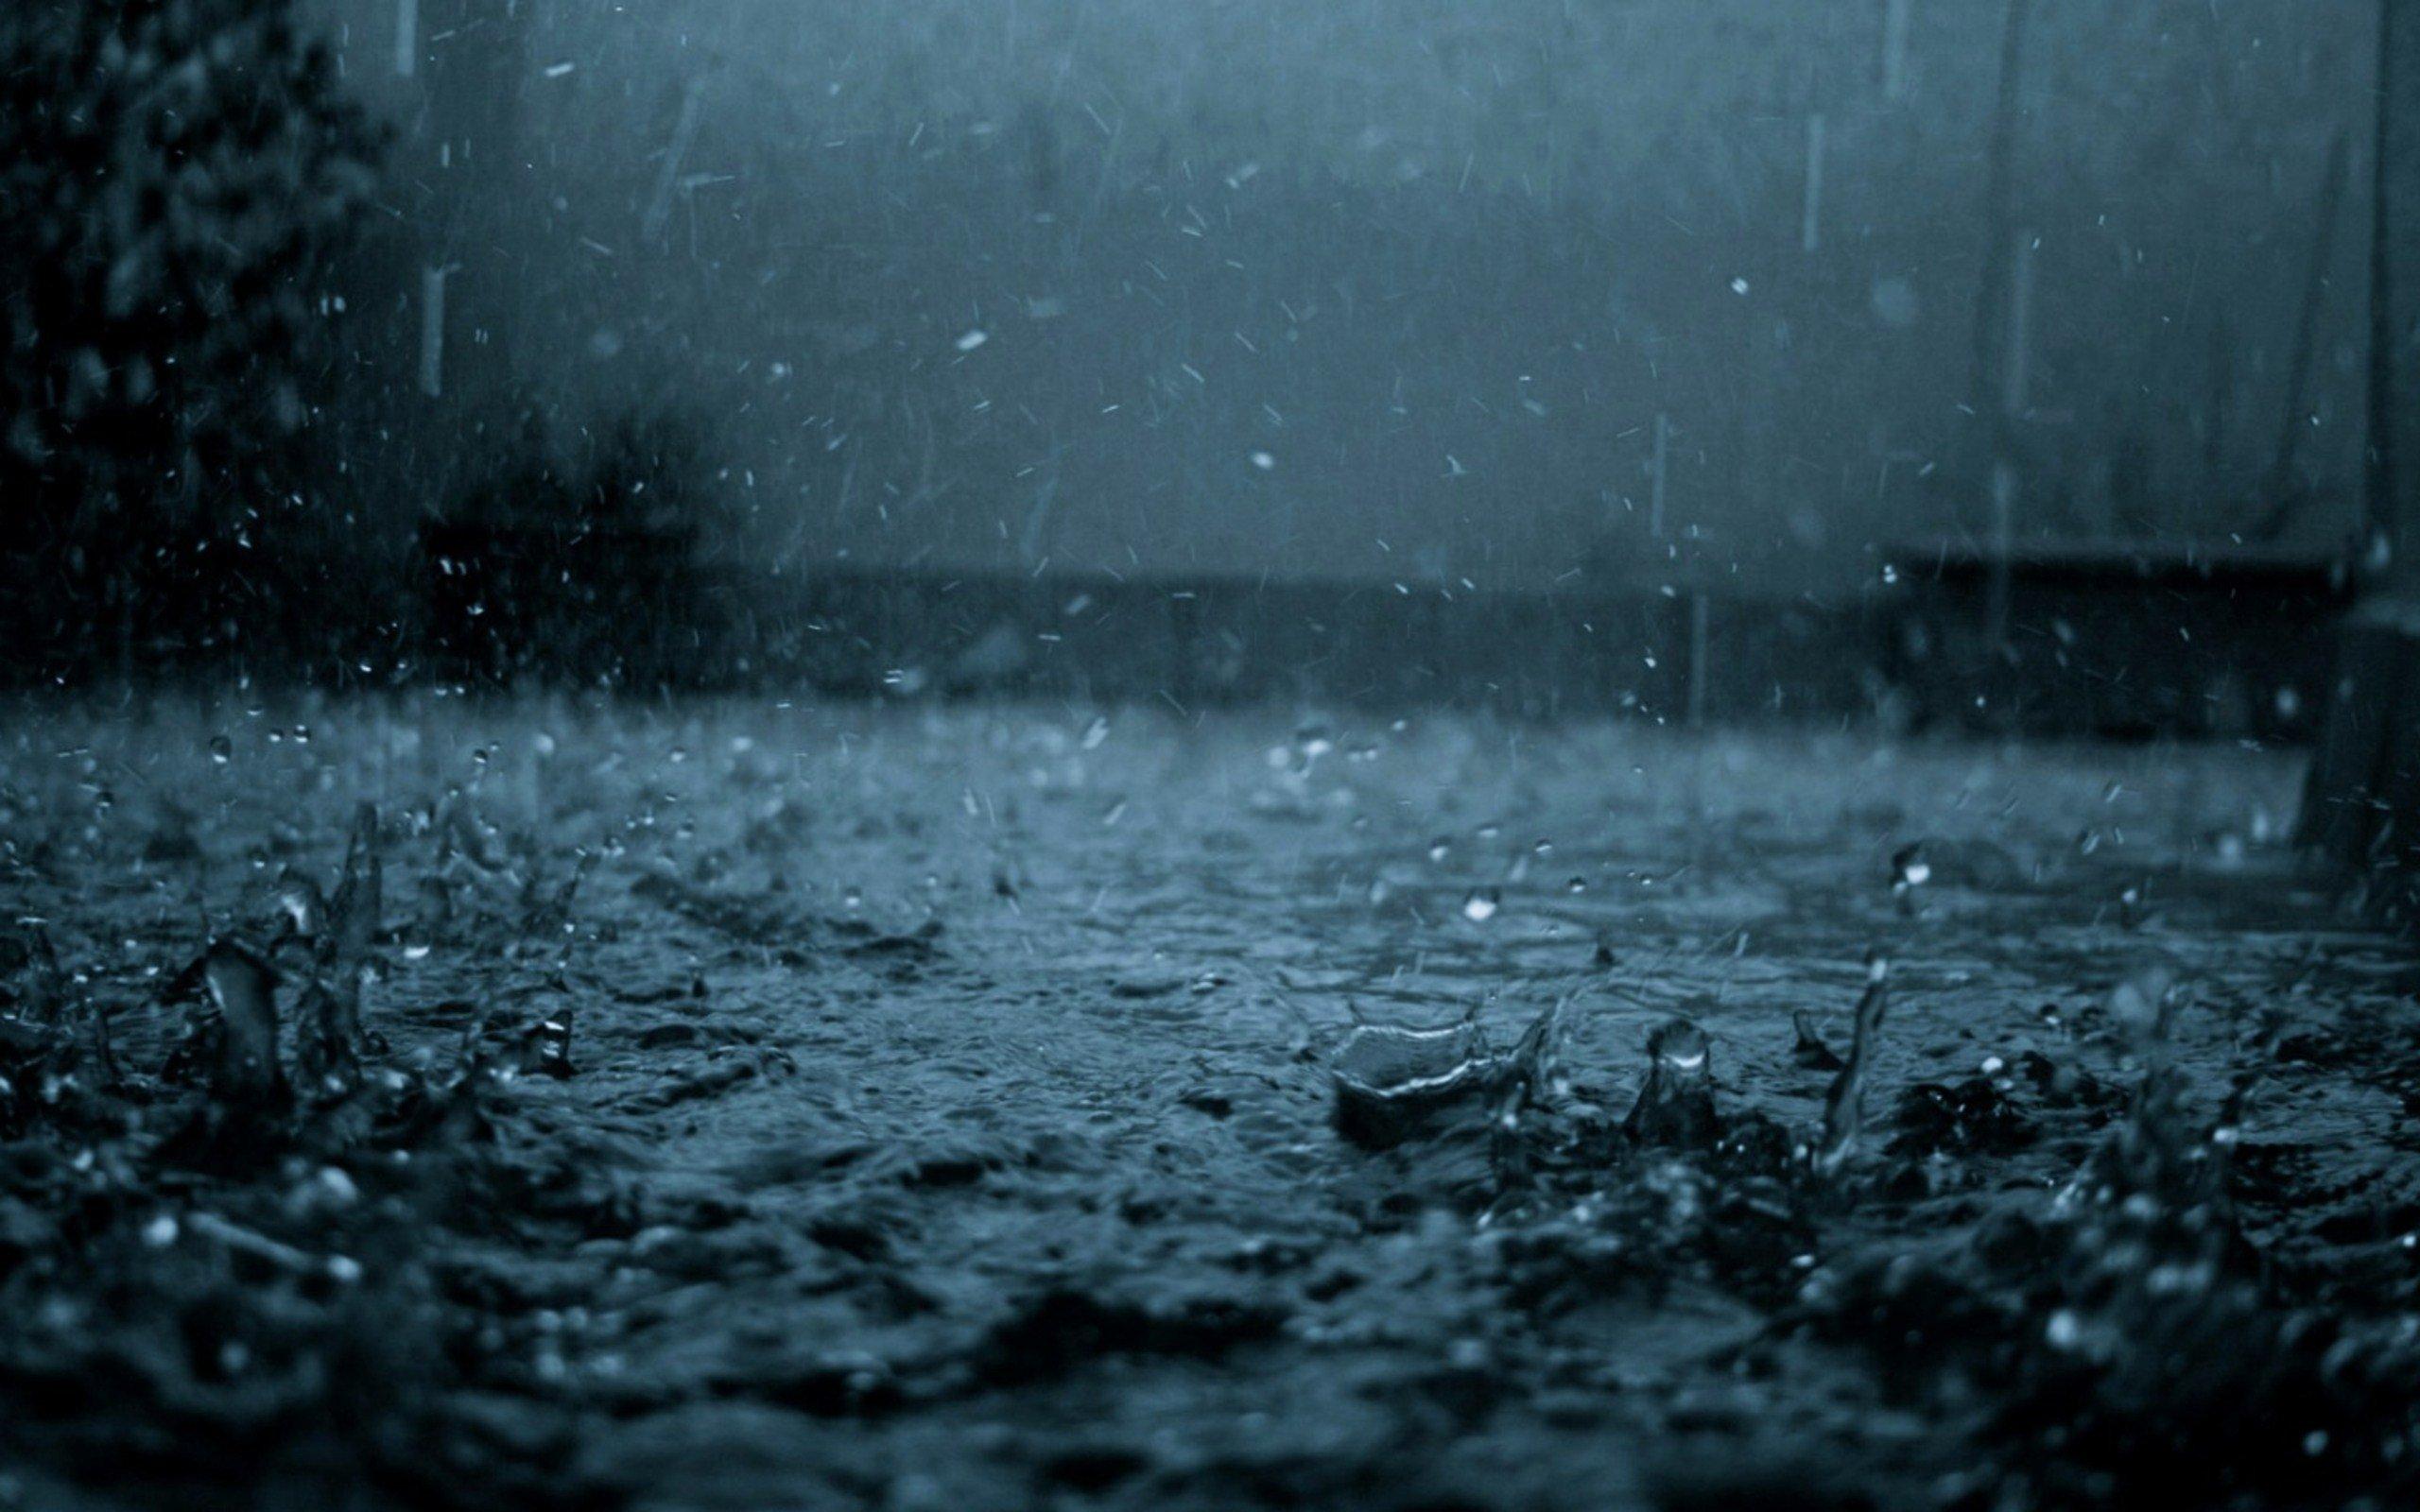 rain beautiful widescreen wallpaper in hd 2560x1600